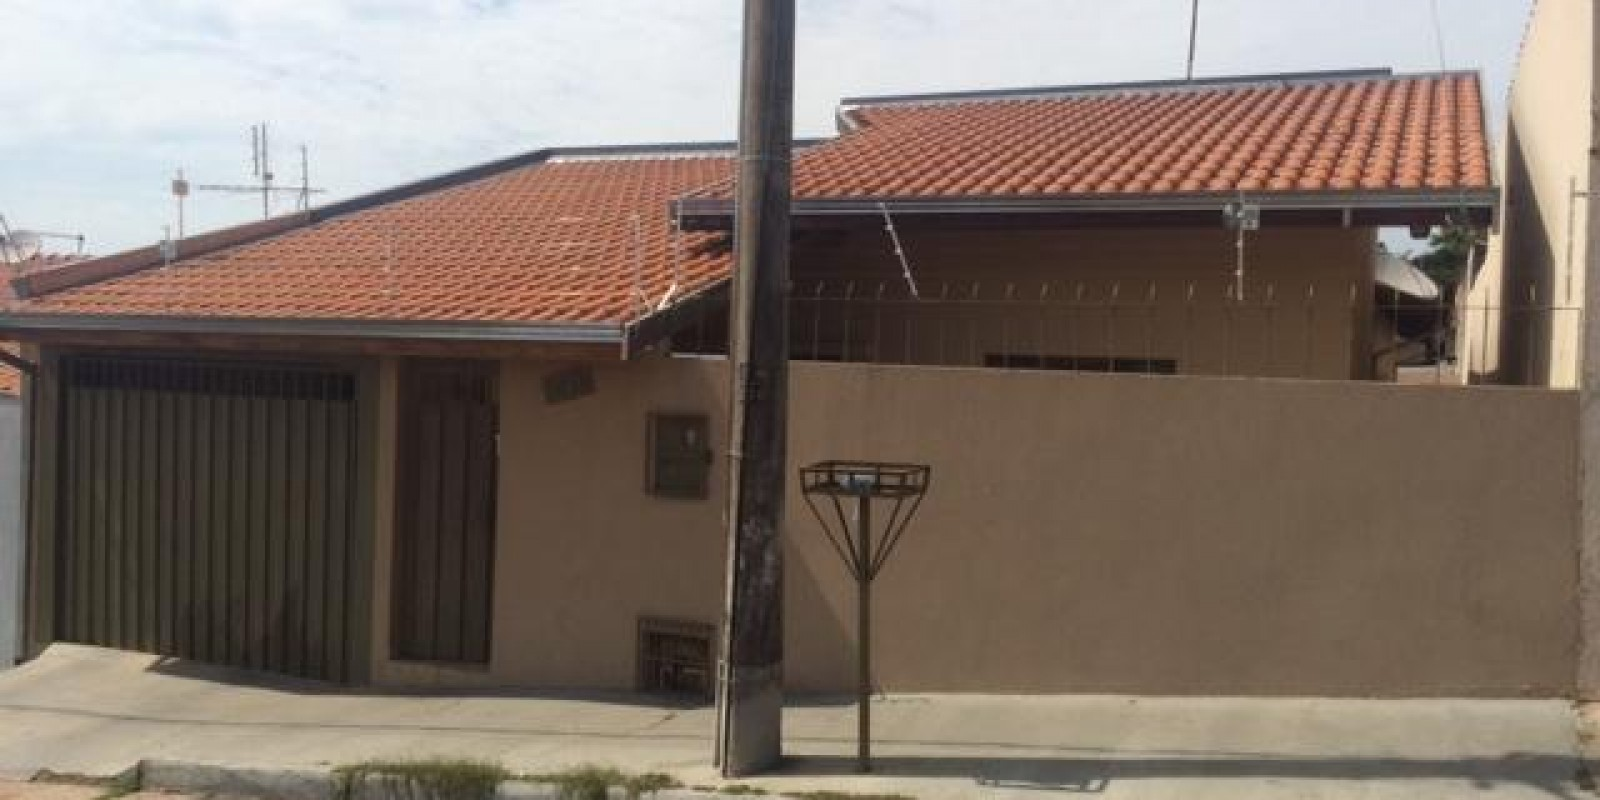 Casa no Bairro Água Branca em Avaré SP  - Foto 1 de 1